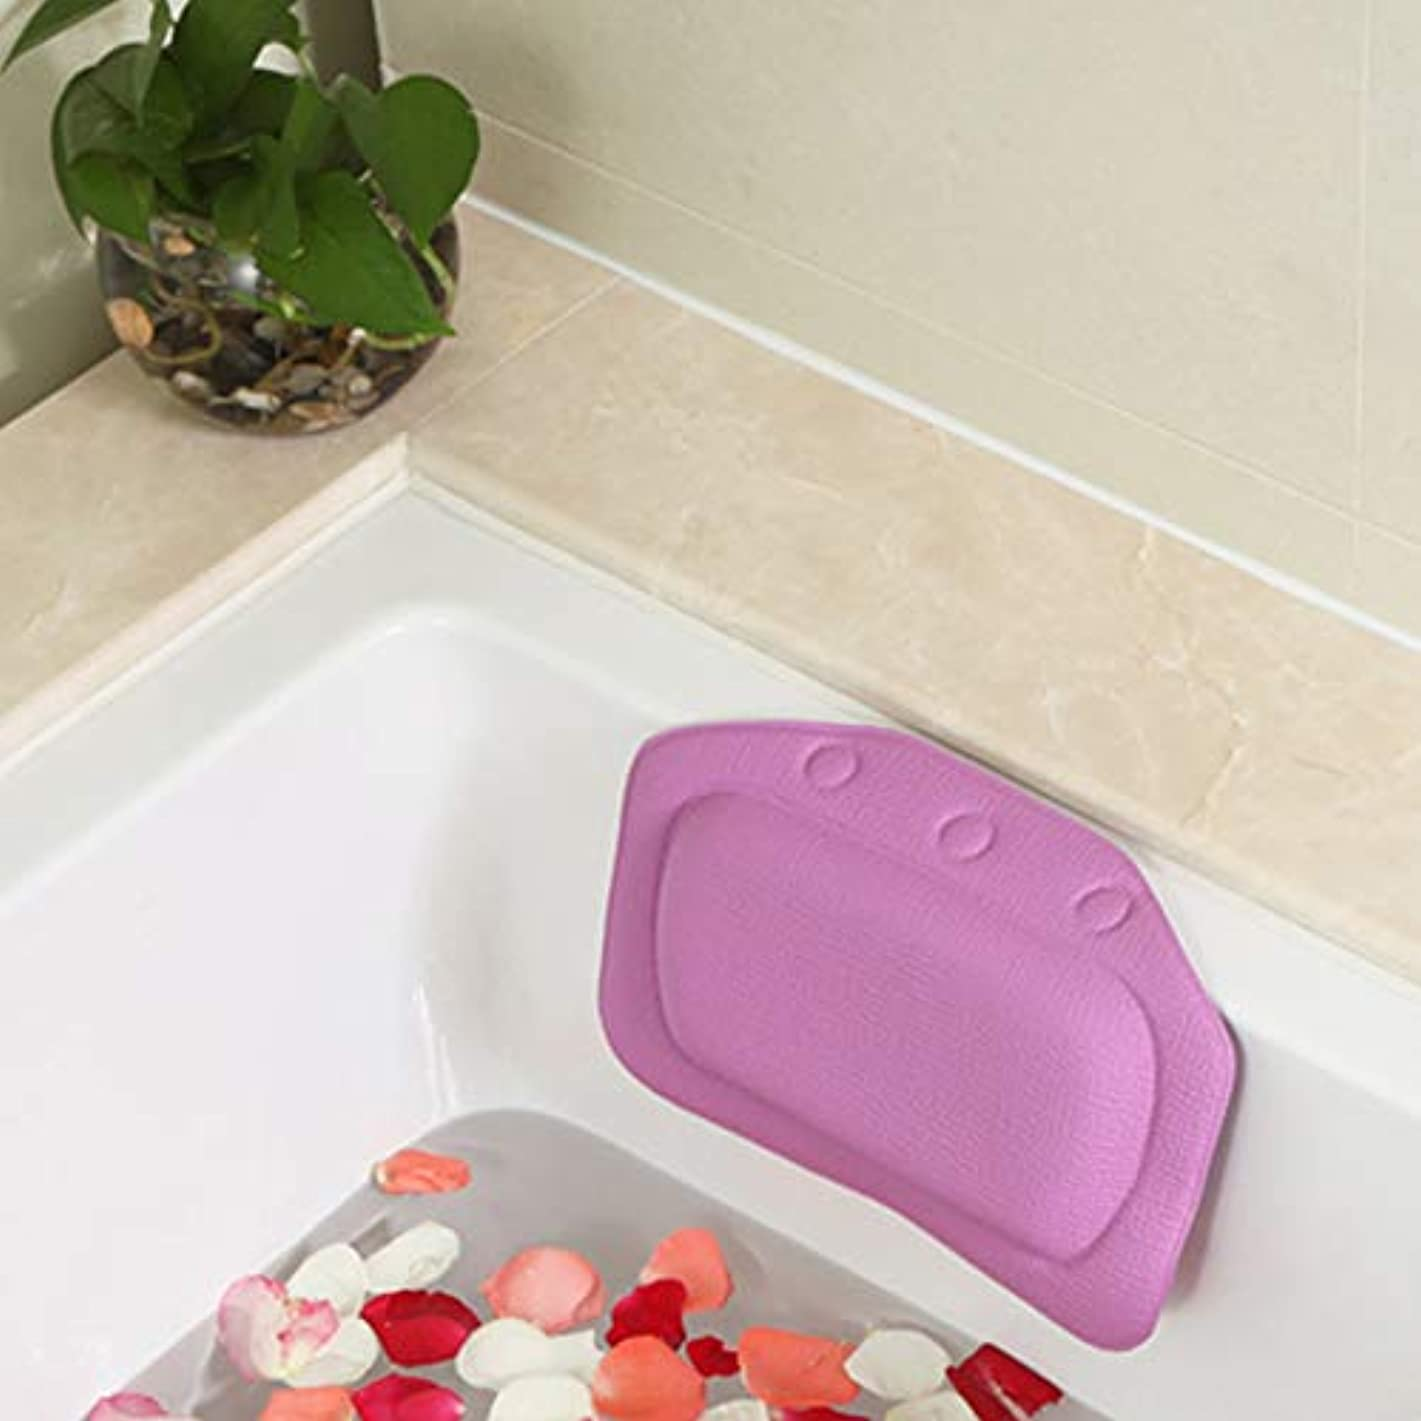 検閲アブストラクト振動する柔らかいpvc発泡スポンジ風呂枕防水ヘッドレストクッション付き浴室シャワー浴槽リラックスアクセサリー,Purple